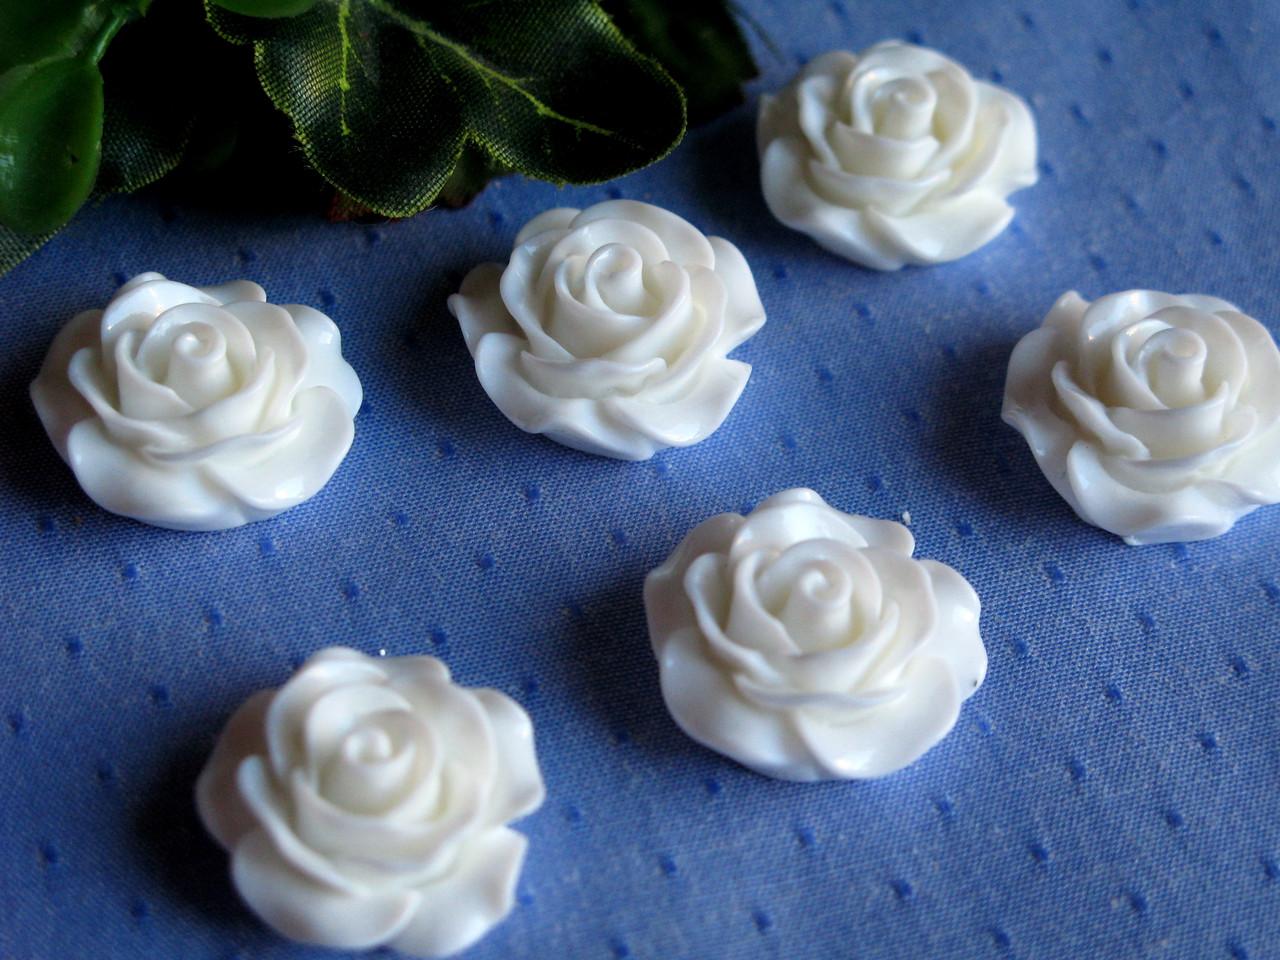 Серединка акриловая - Белая роза большая лаковая р-р - 2 см цена 20 грн - 10 шт